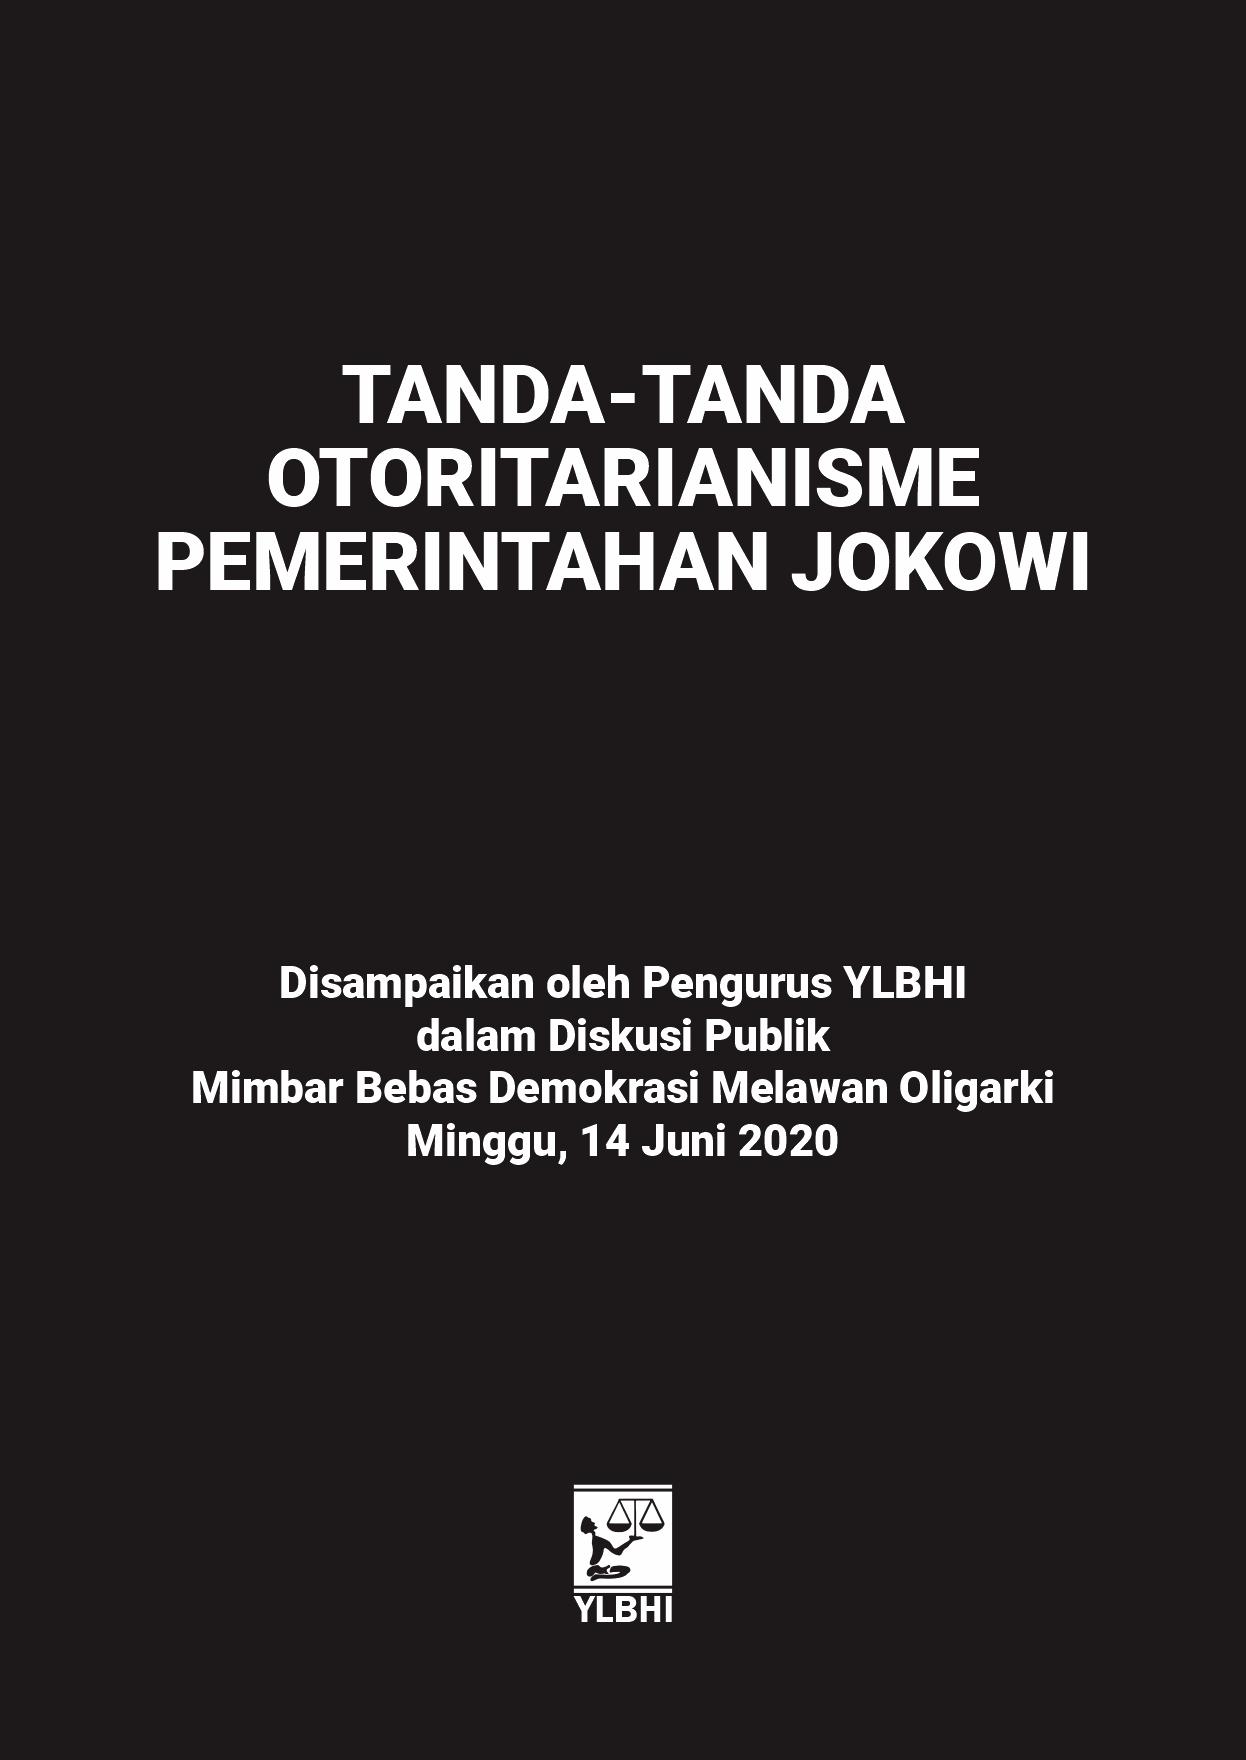 Tanda-tanda Otoritarianisme Pemerintah Jokowi